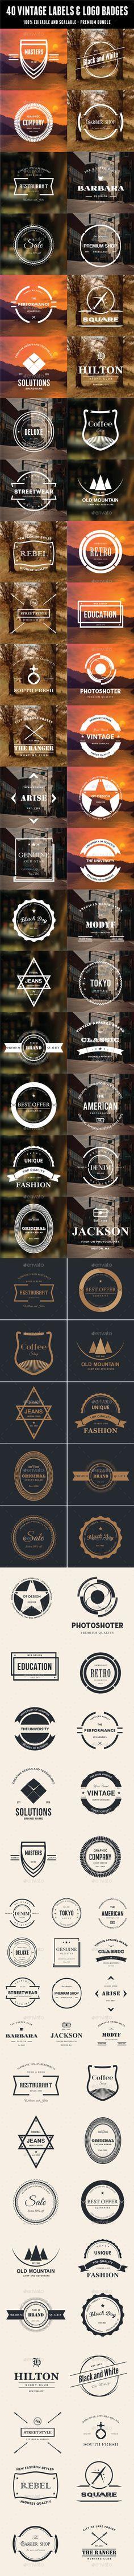 40 Vintage Labels & Logo Badges Bundle #design Download: http://graphicriver.net/item/40-vintage-labels-logo-badges-bundle/12287168?ref=ksioks